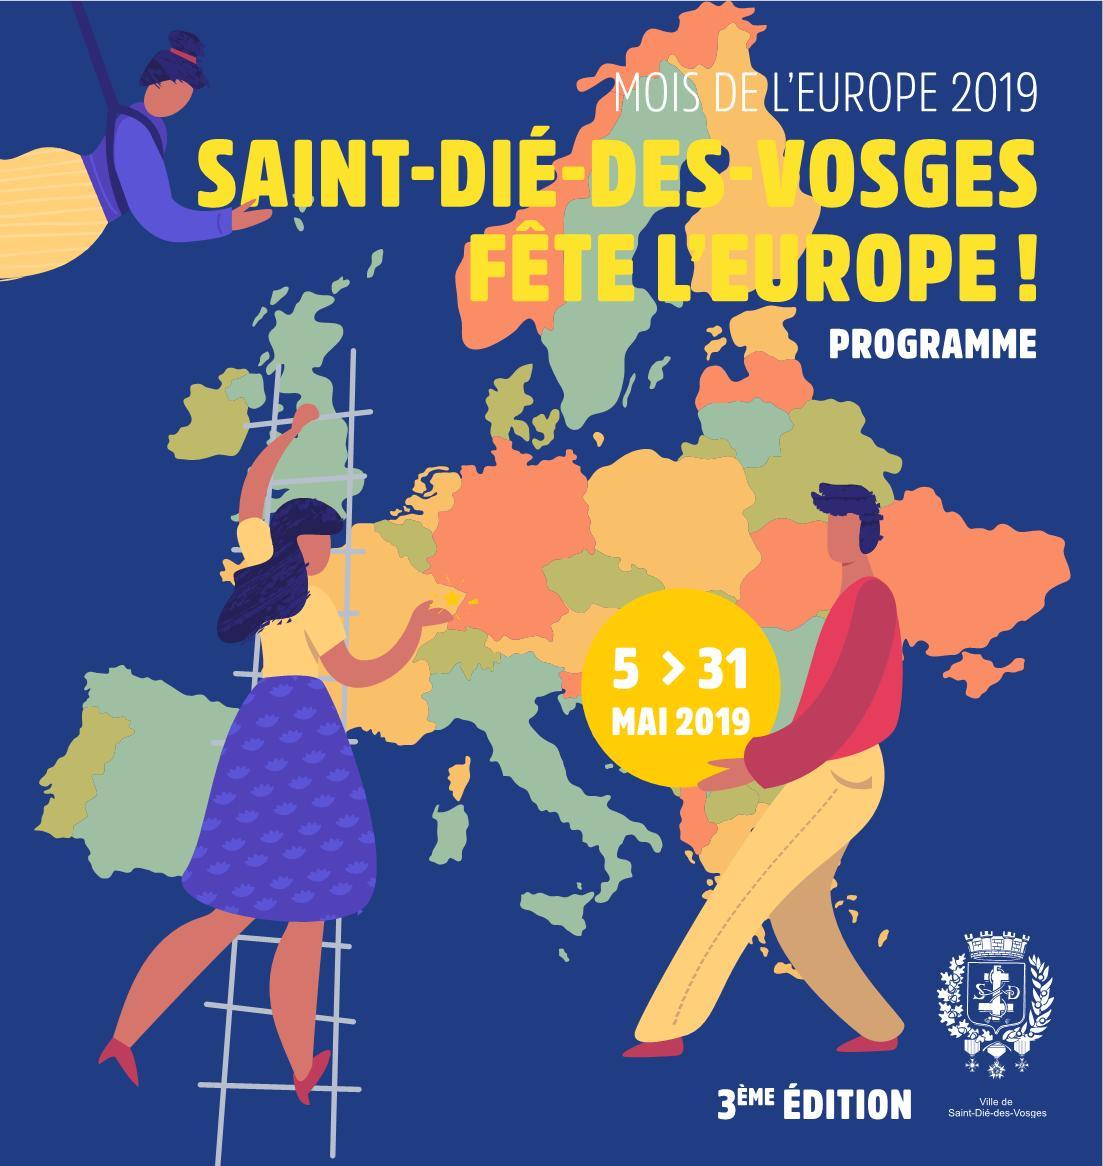 Saint-Dié-des-Vosges Fête l'Europe 2019